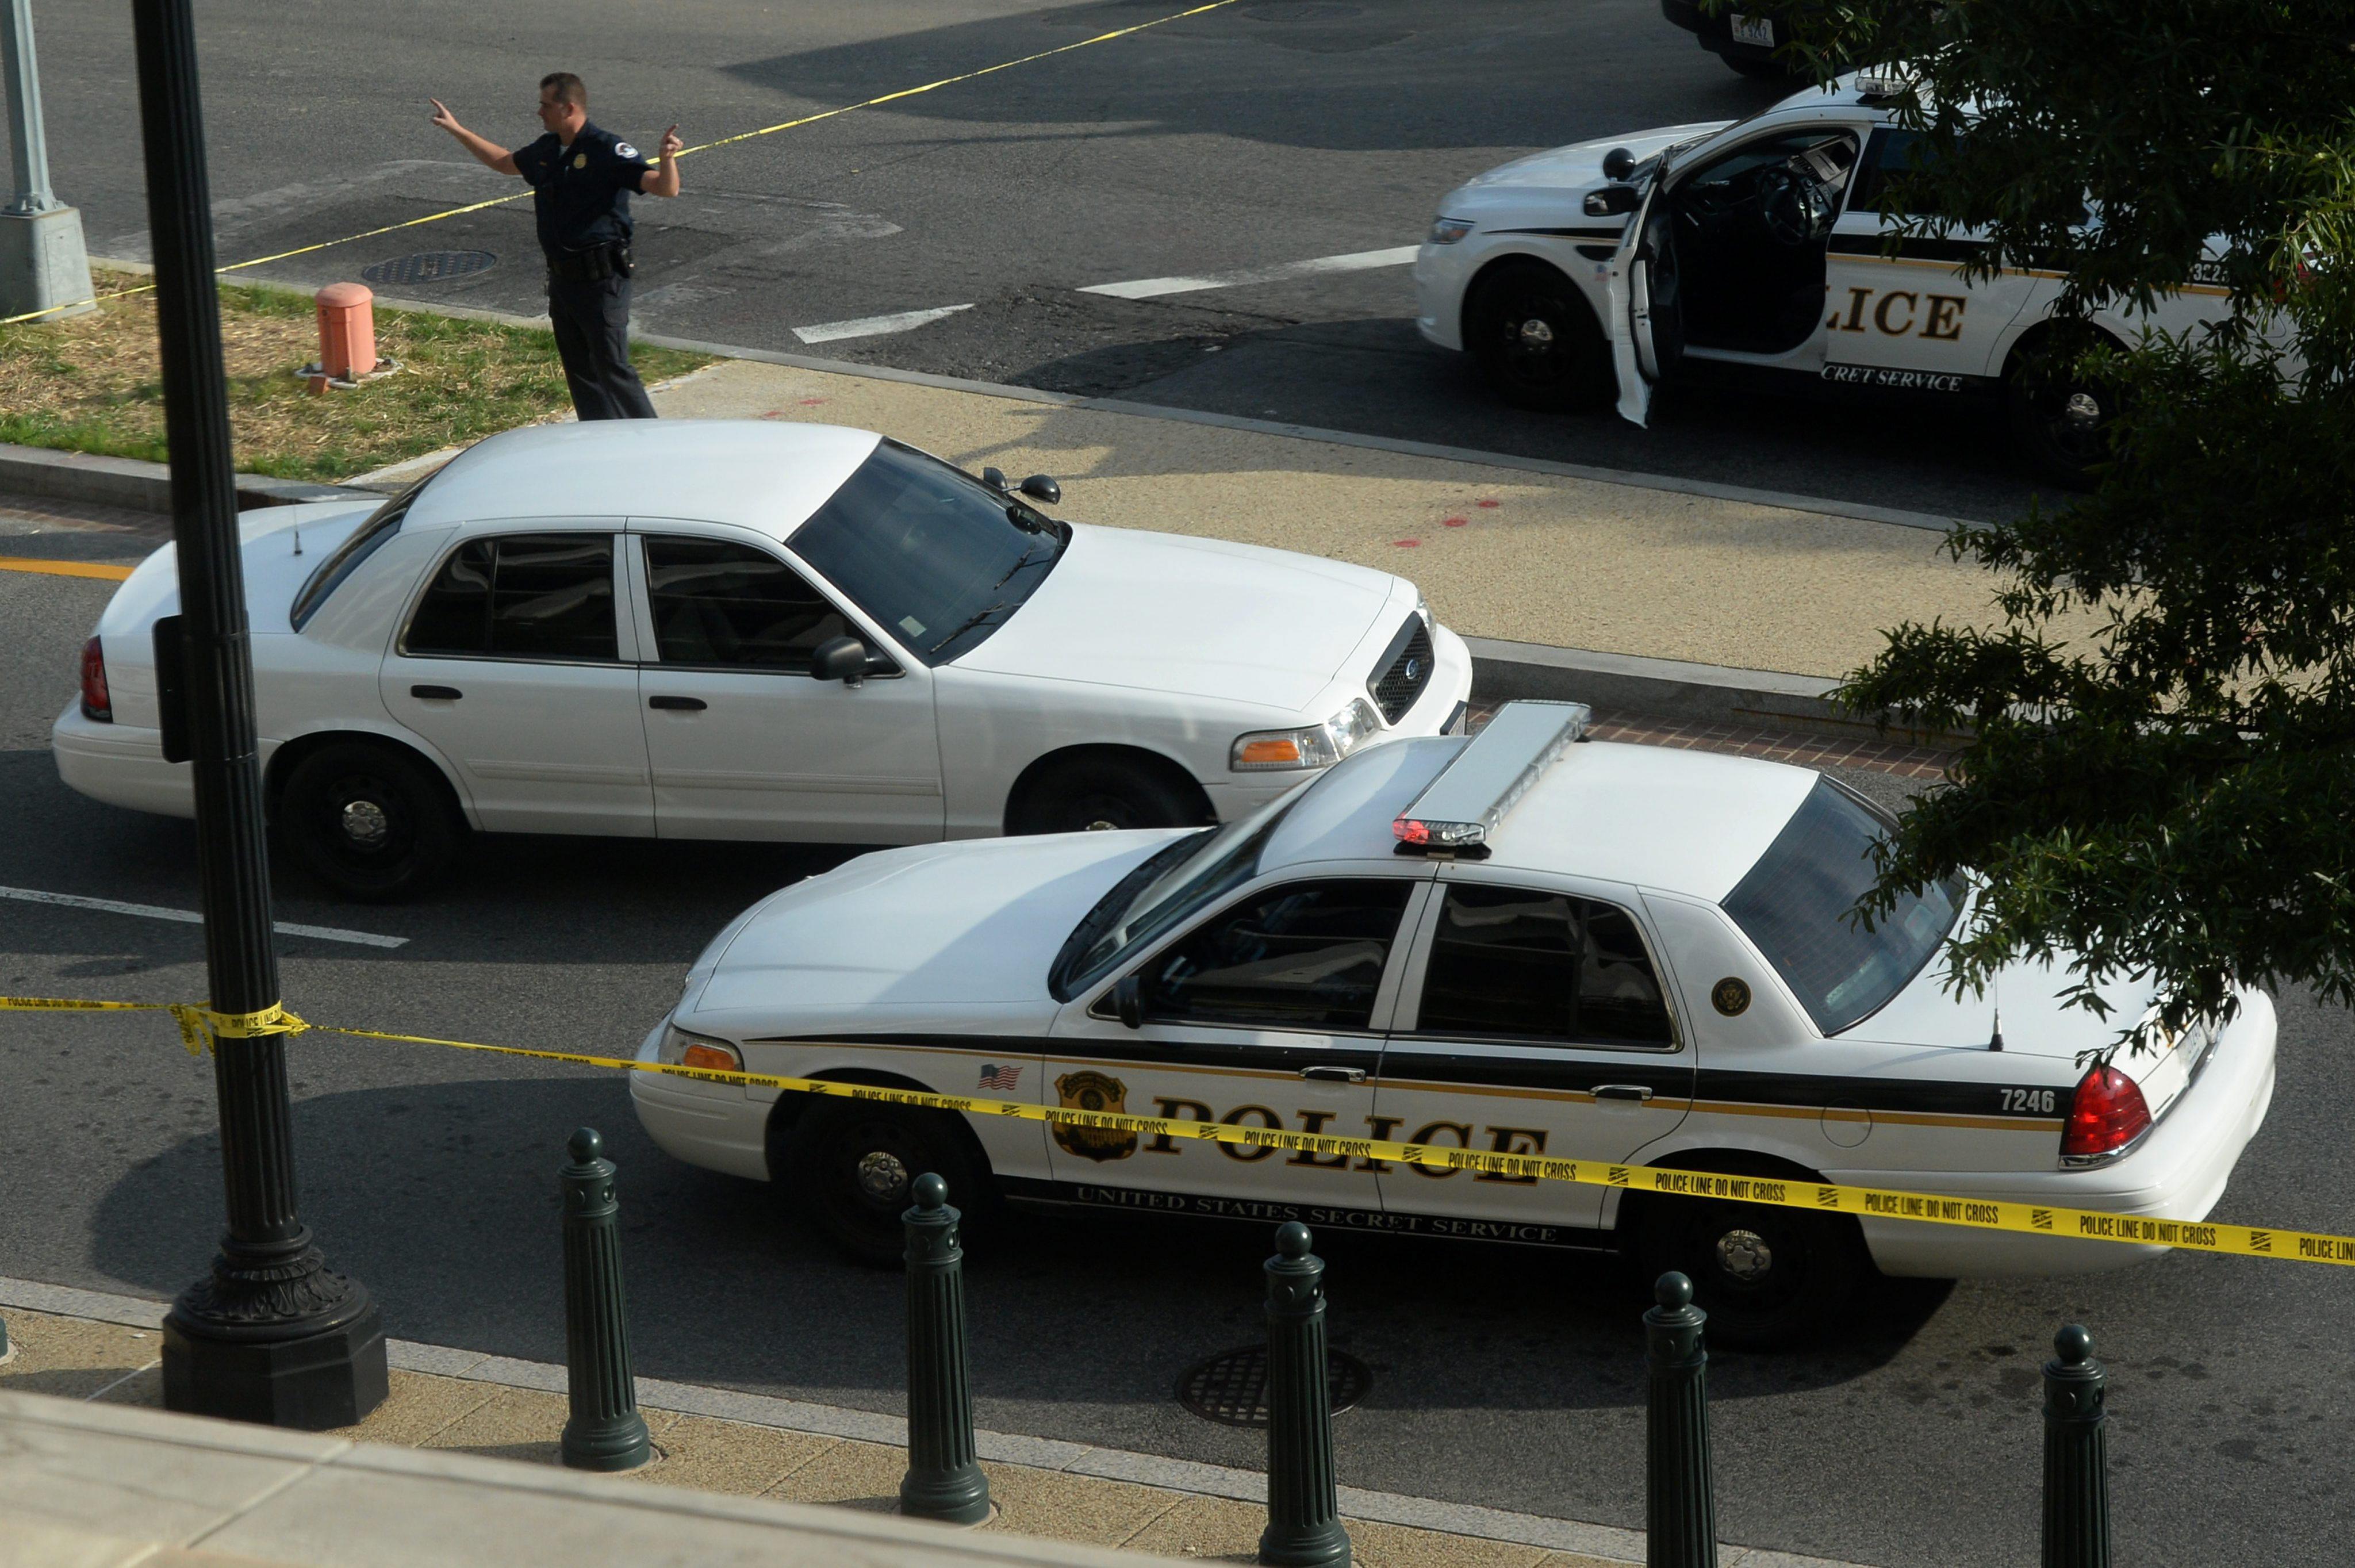 Una veintena de heridos en un ataque en una escuela secundaria de EE.UU.